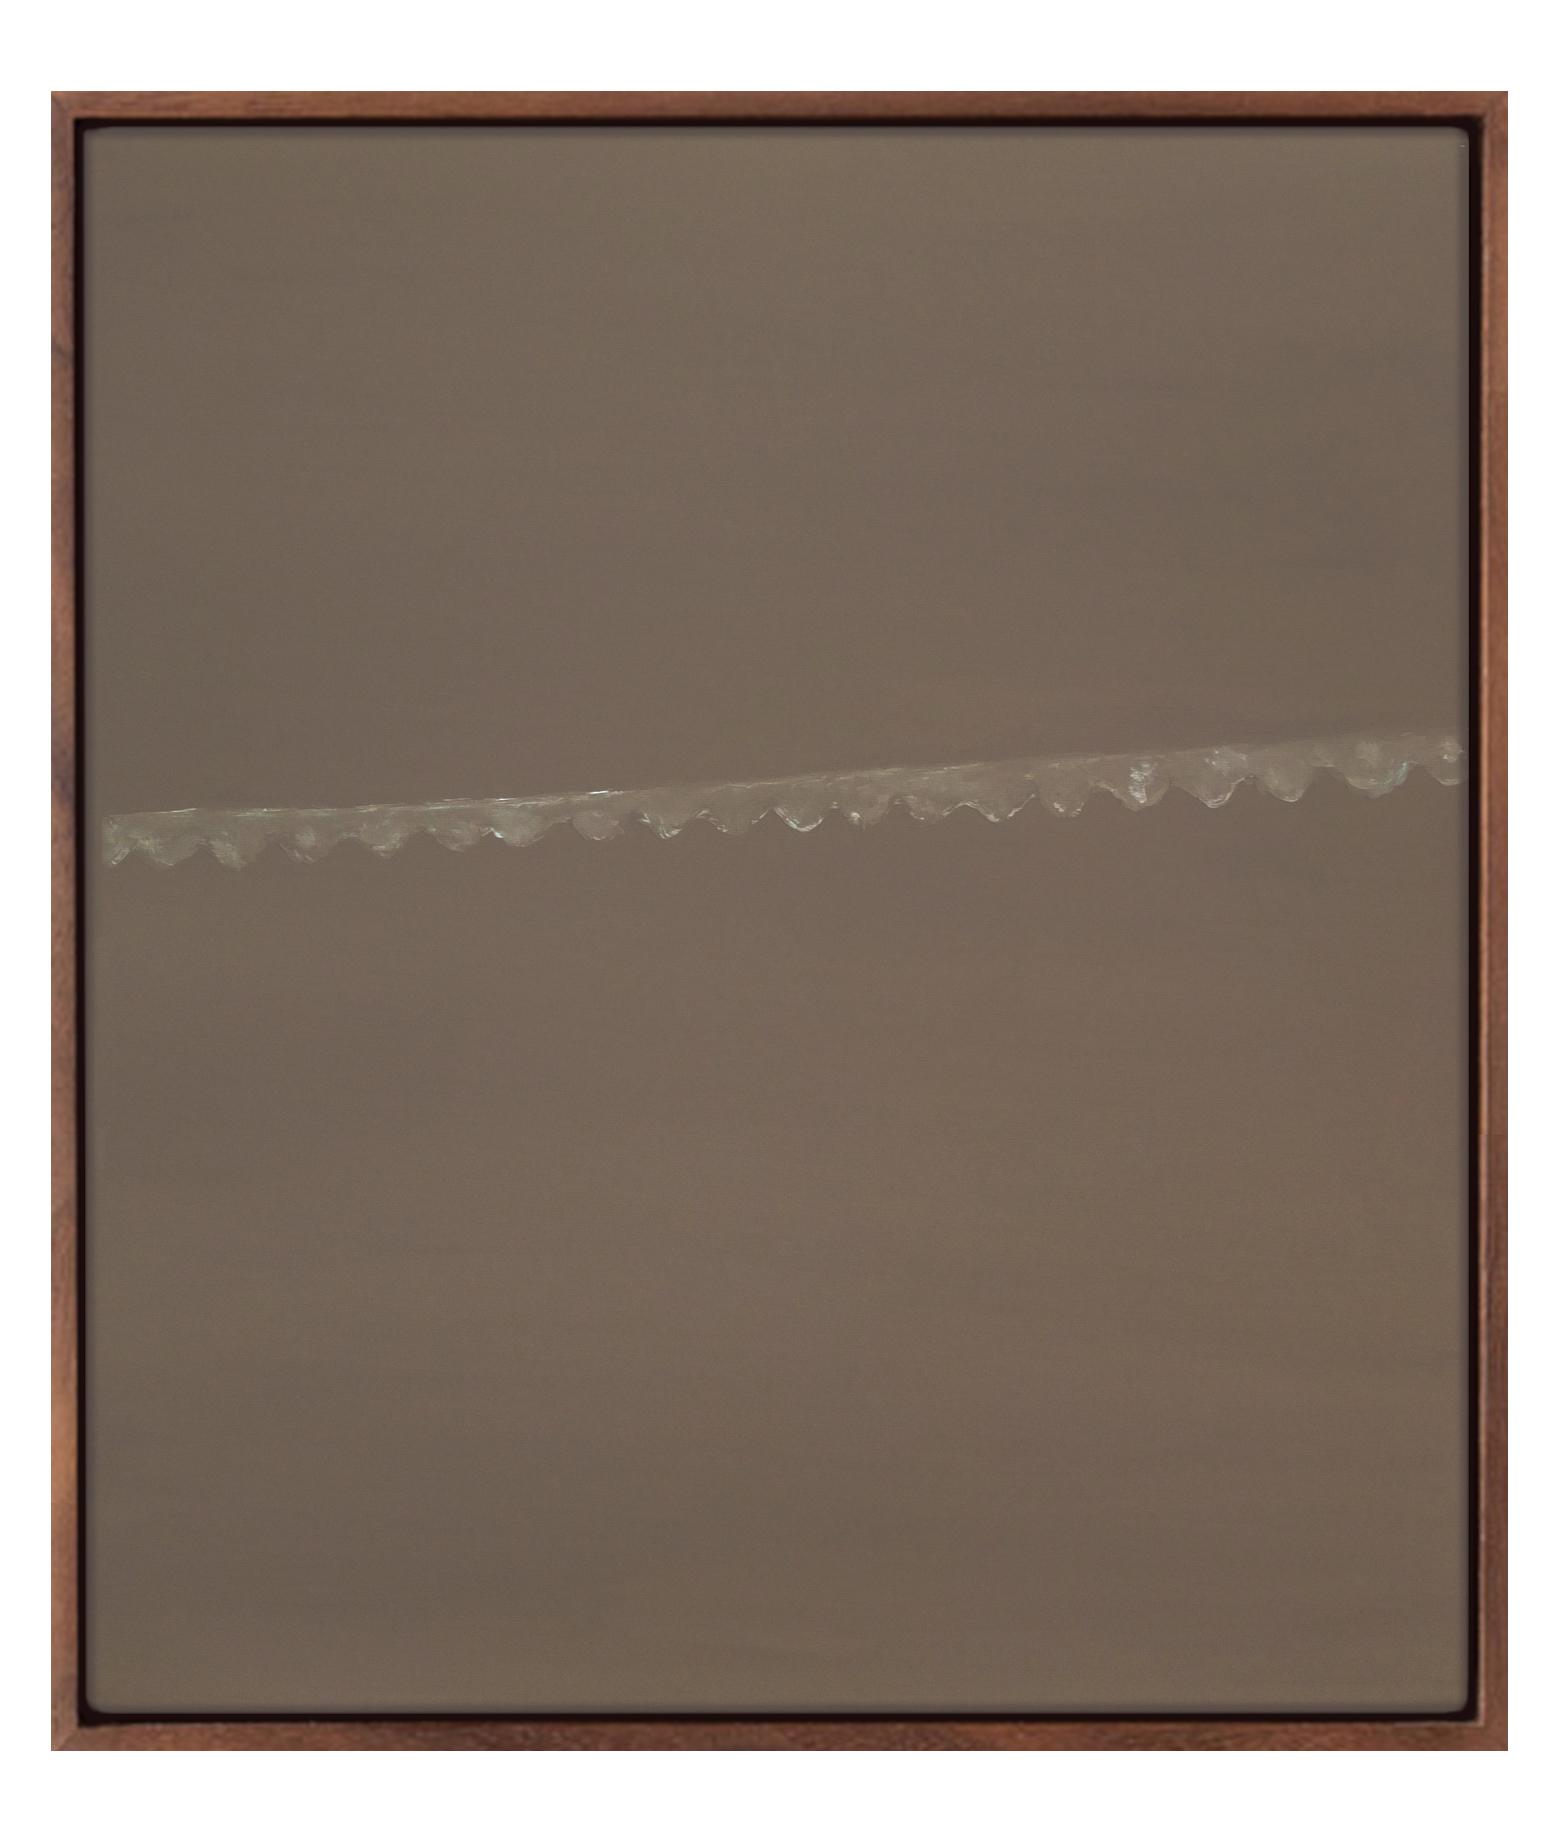 Michele Lombardelli, tempera and oil on canvas, 80x60cm, 2017